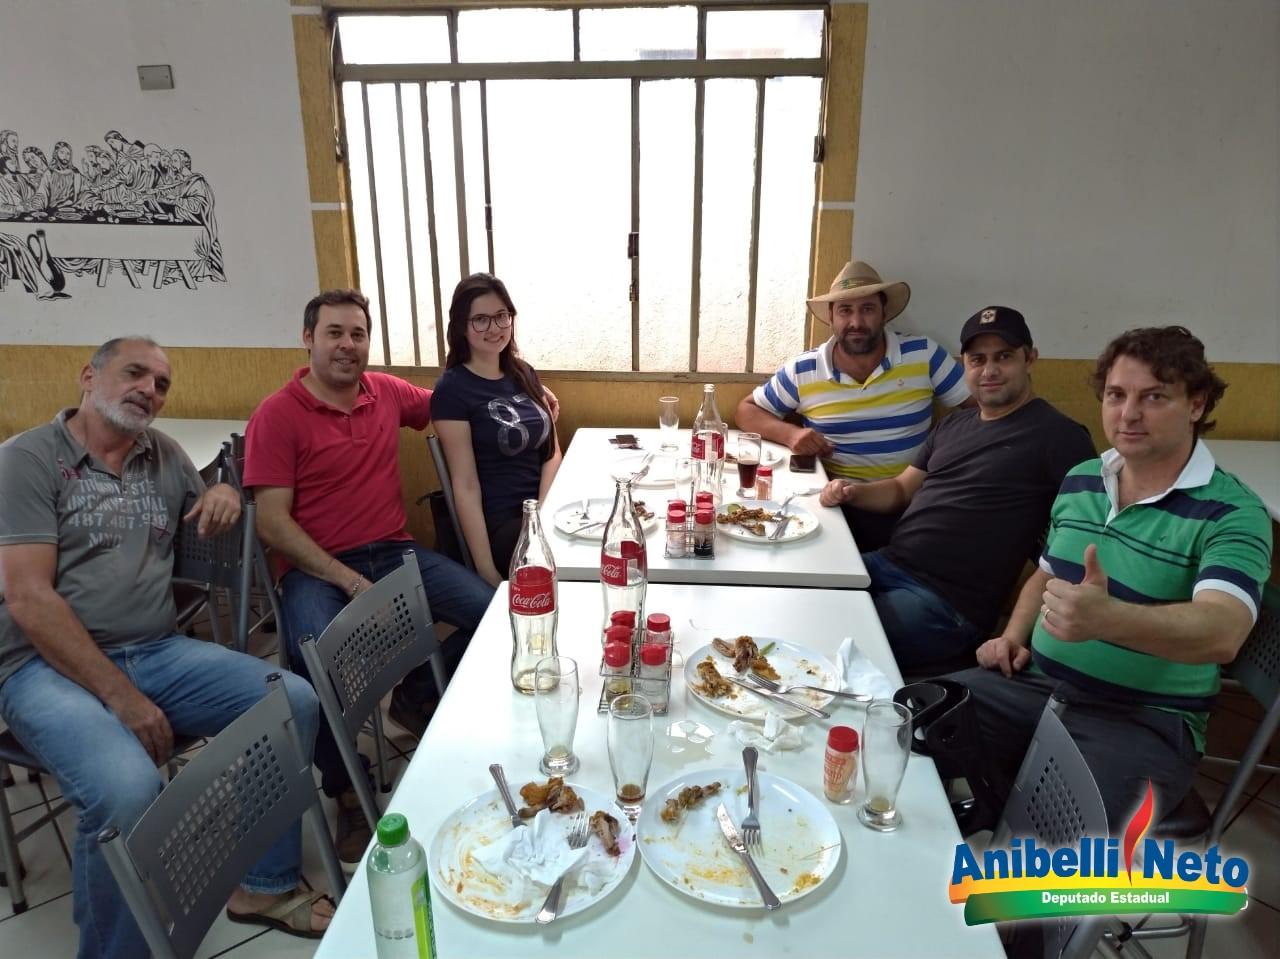 Anibelli Neto visita os companheiros da cidade de Califórnia.